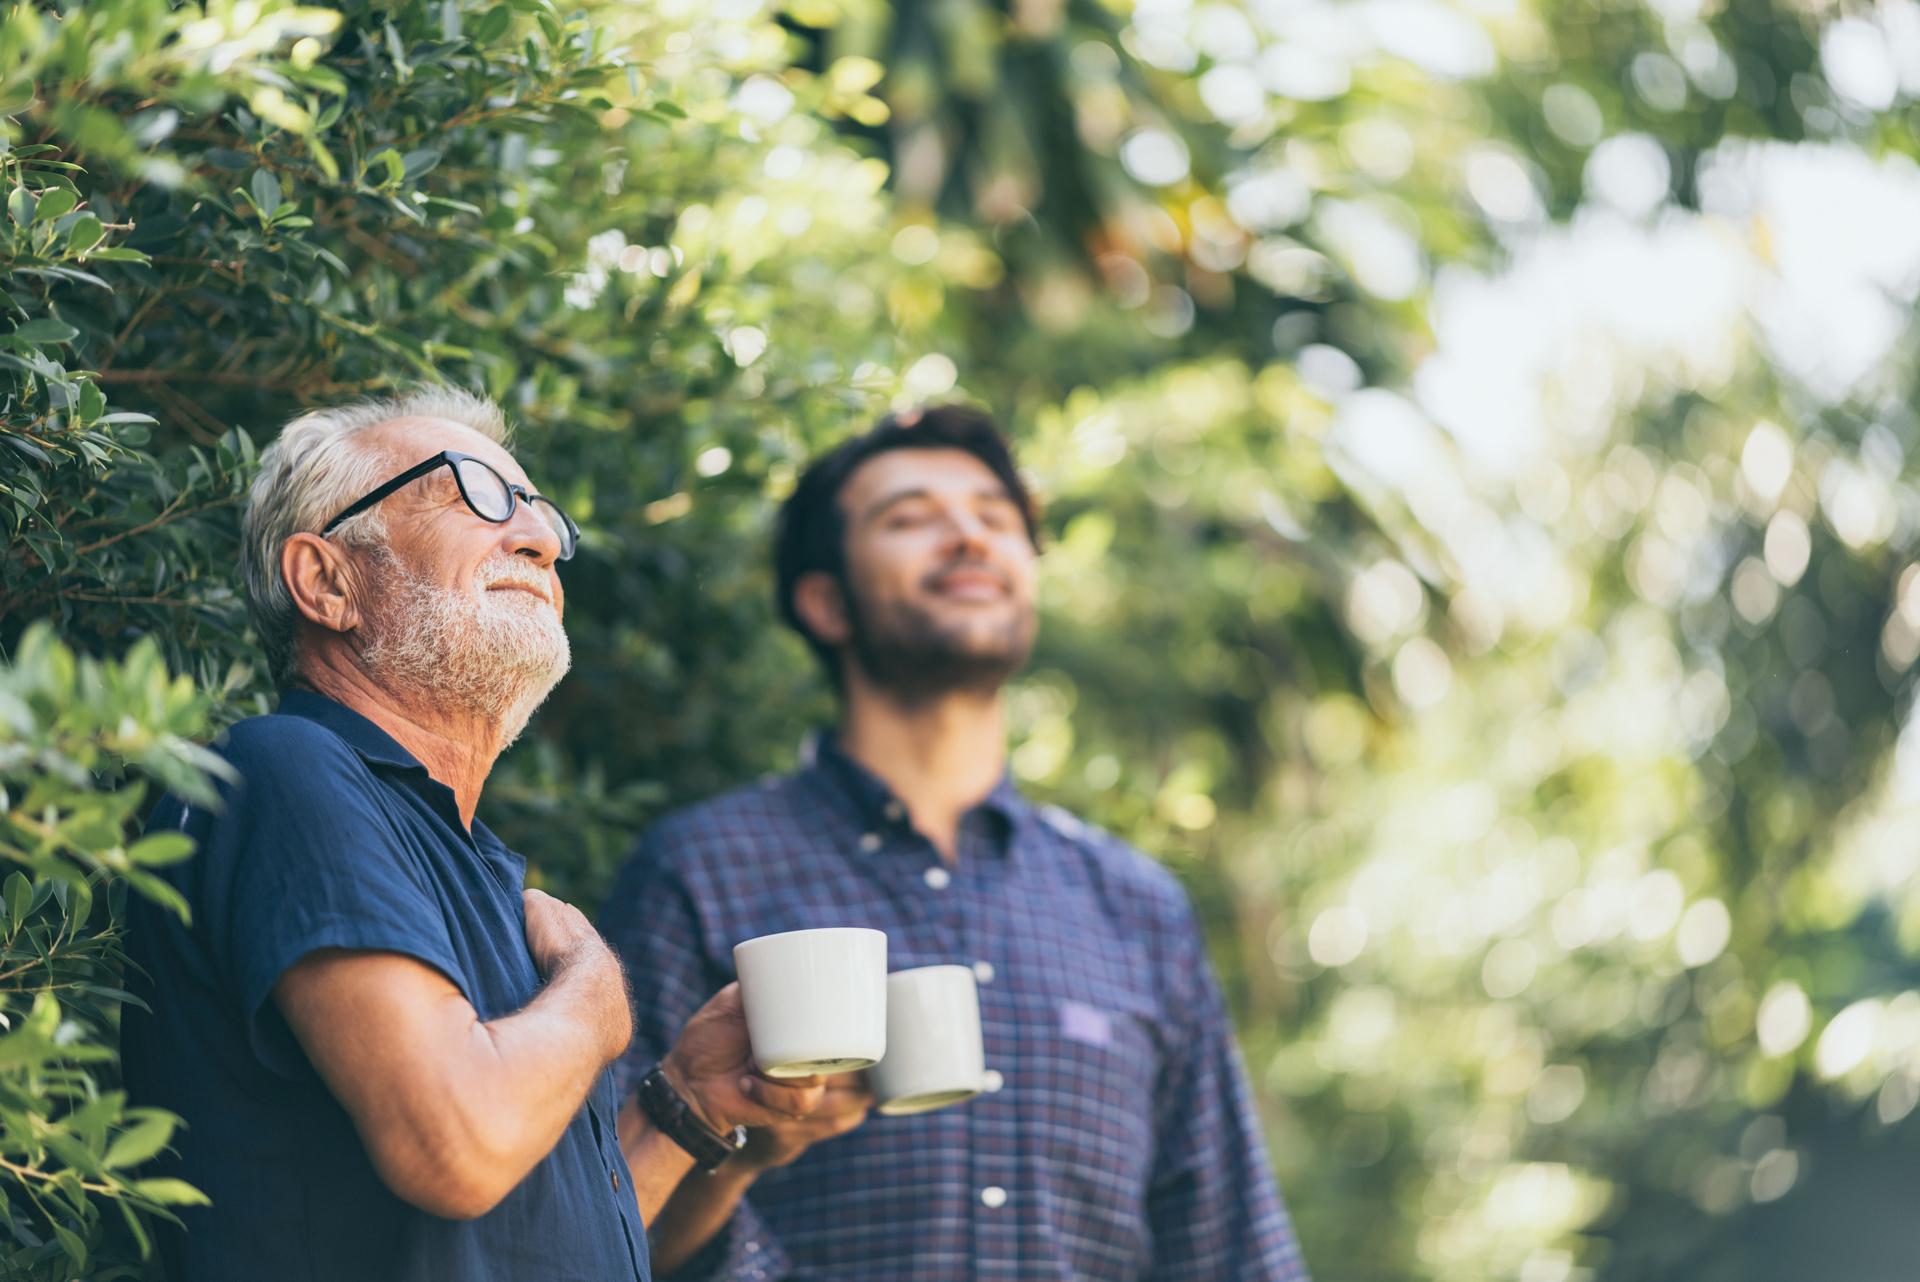 Vater und Sohn trinken gemütlich Kaffee im Garten